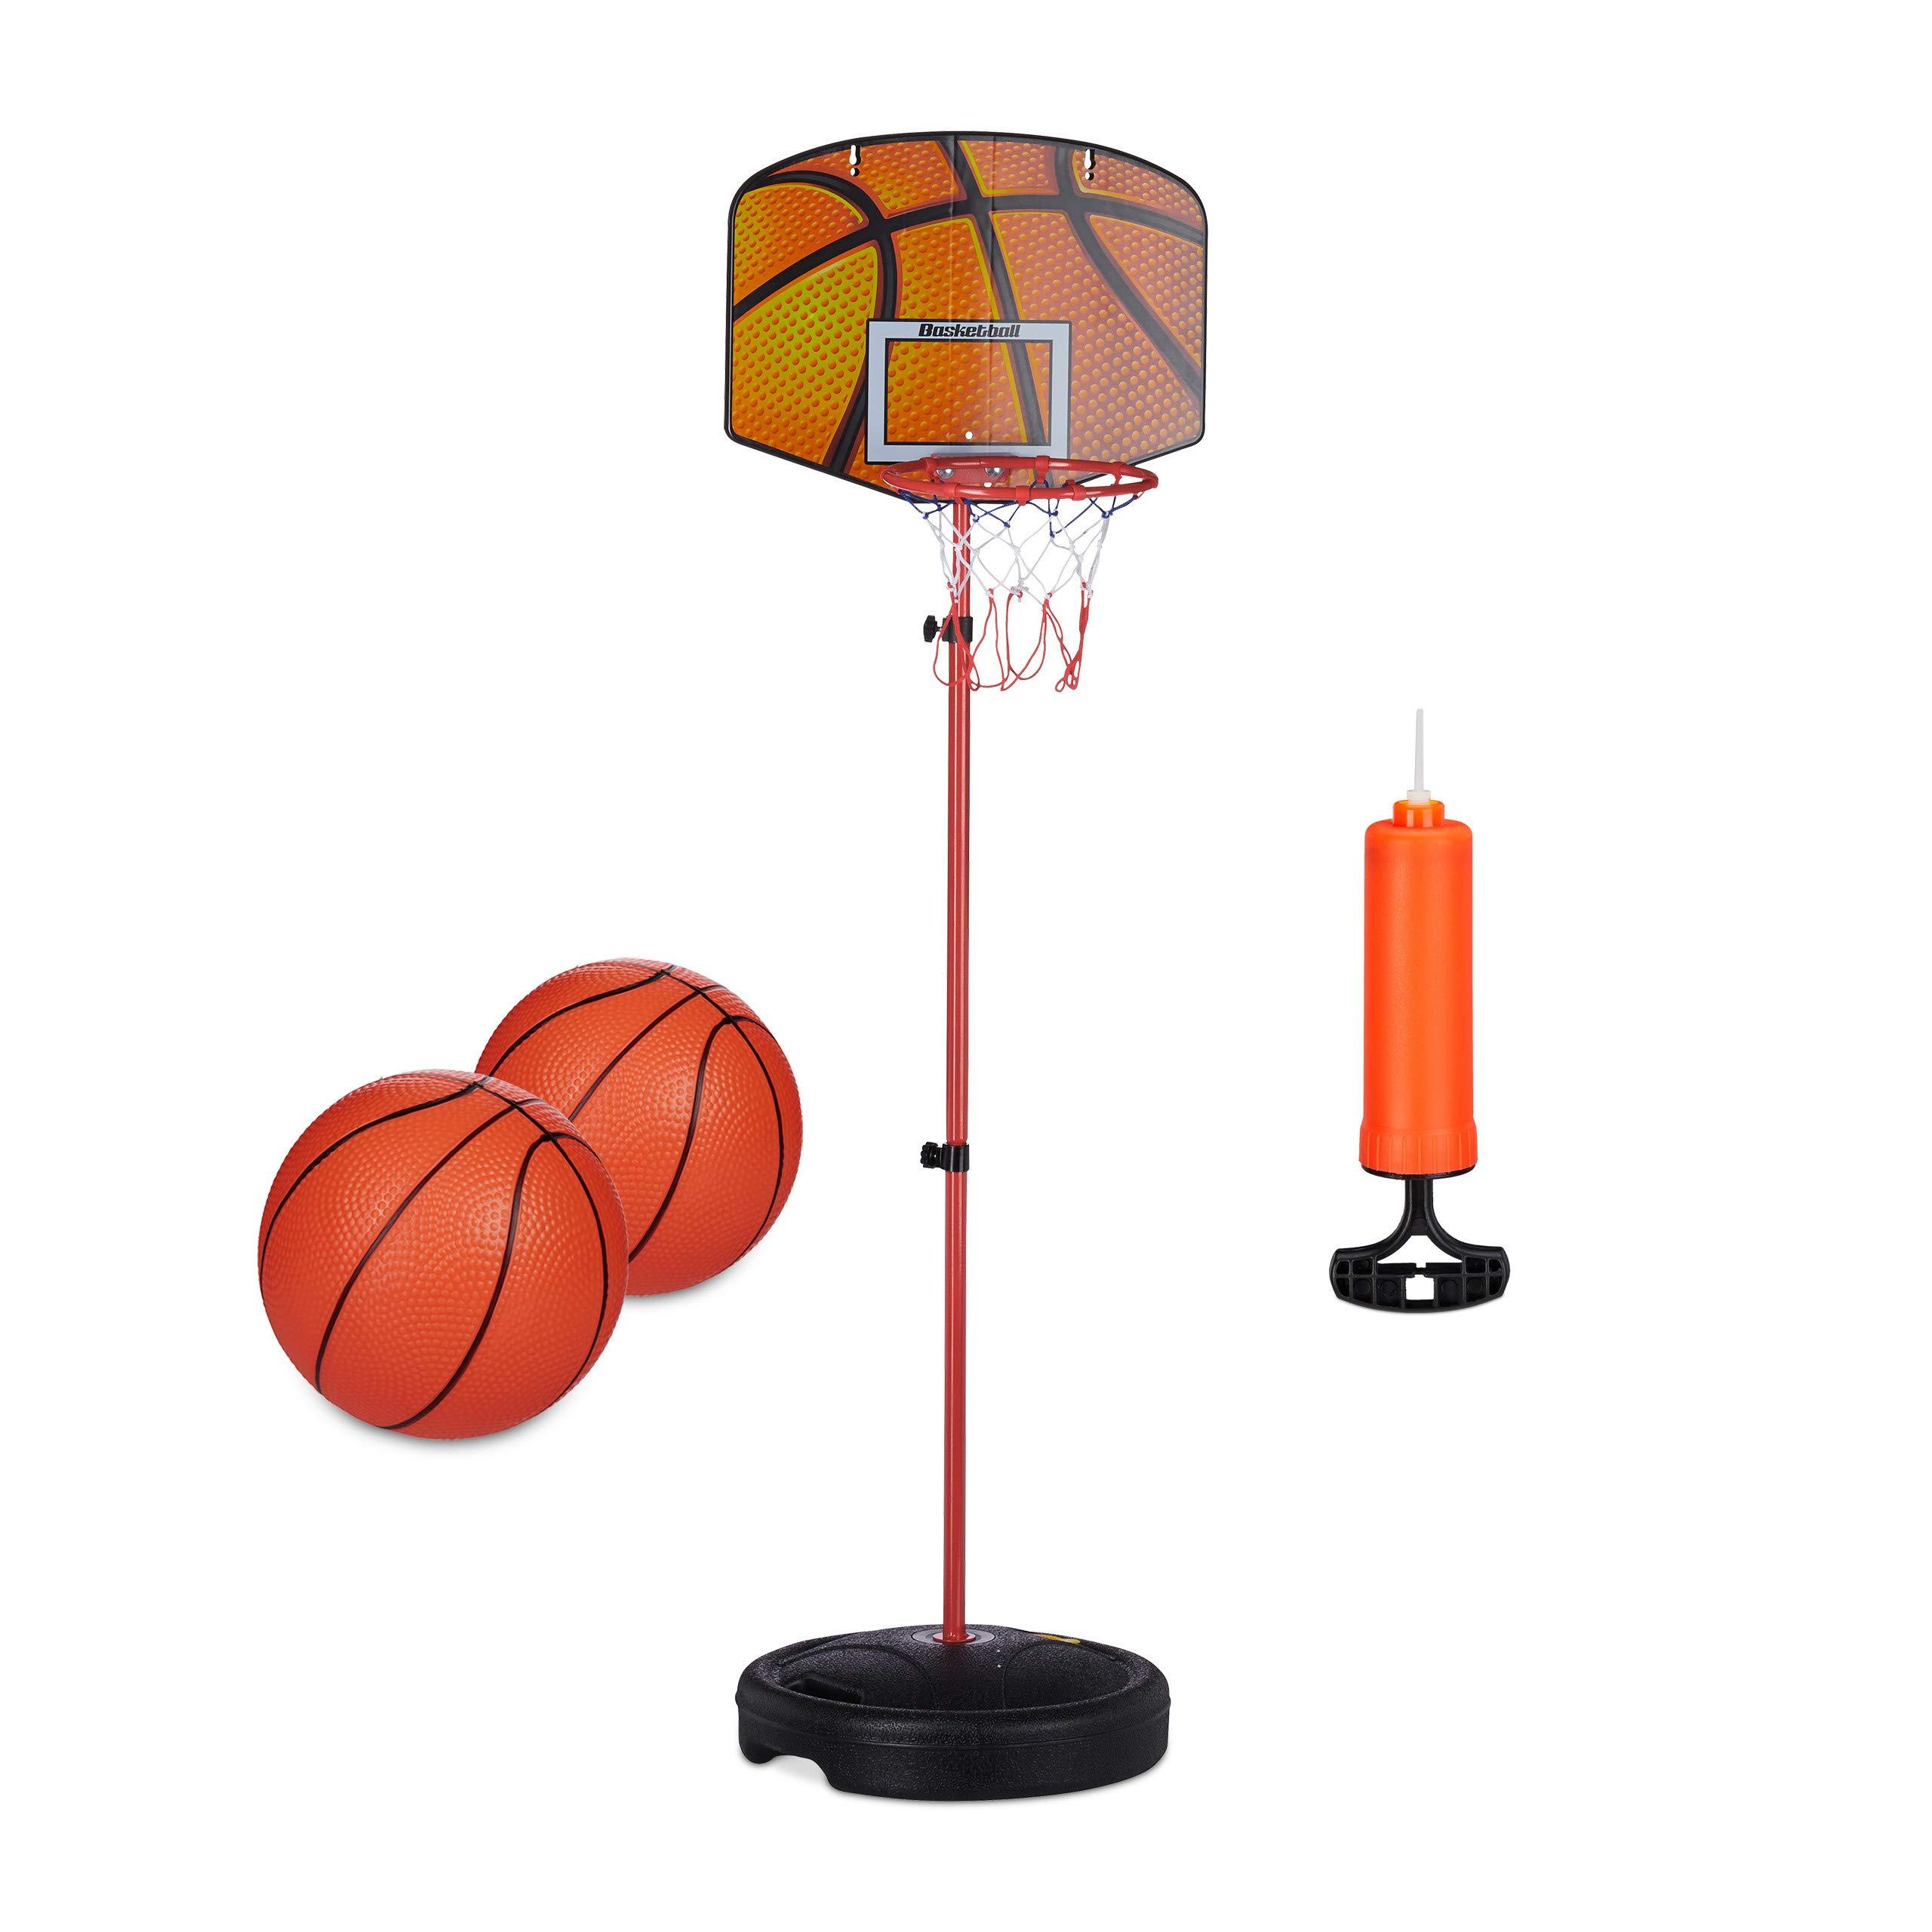 Relaxdays Canasta Baloncesto de 133 cm, Set con 2 Pelotas Básquet e Inflador, para Niños, Metal-Plástico, Multicolor